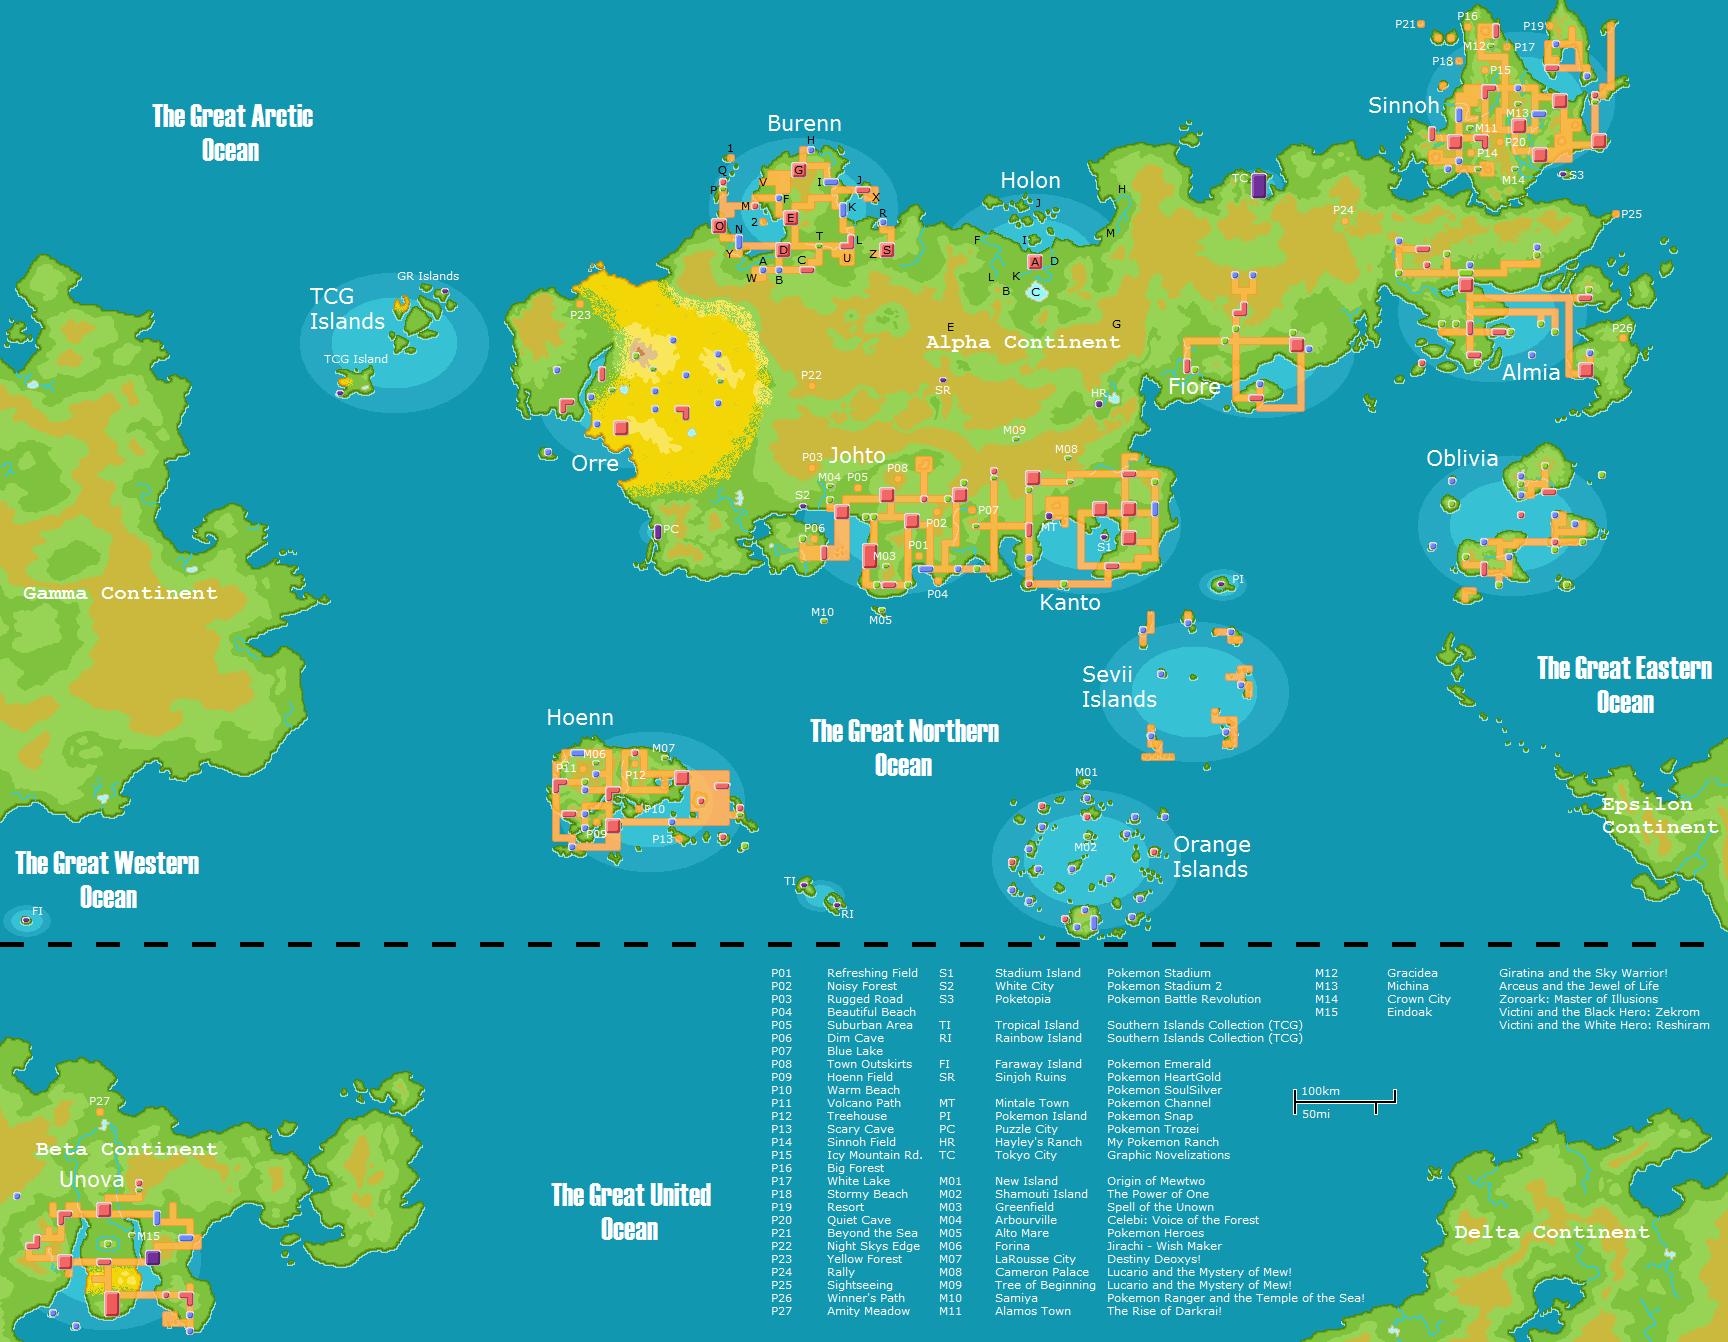 Pokemon World Map 2017.Map Of The Pokemon World World Map 07